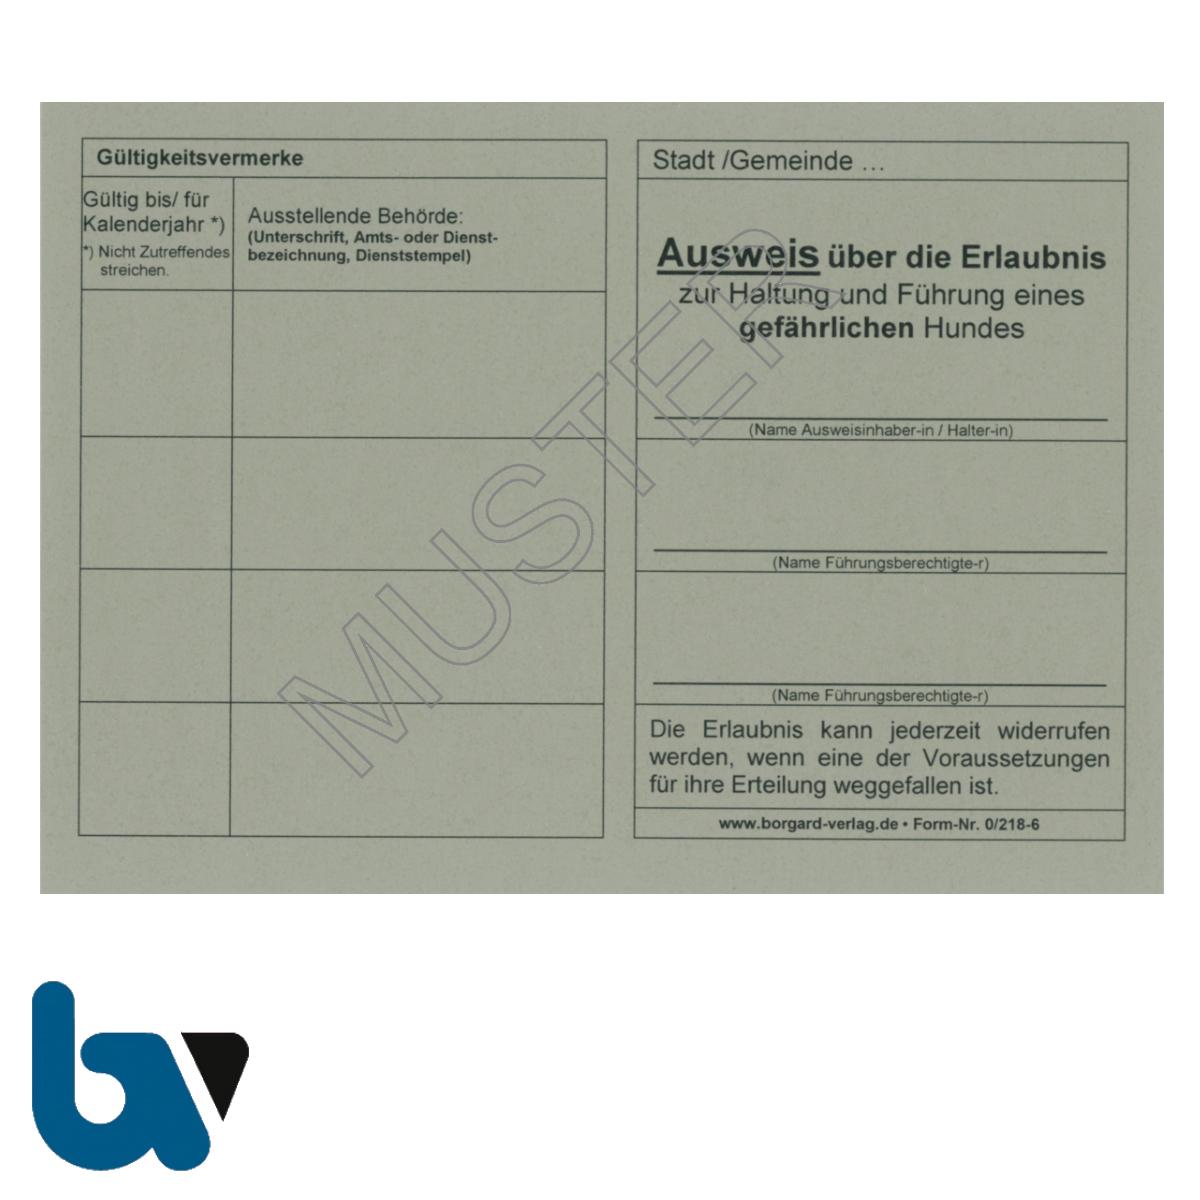 0/218-6 Ausweis Haltung Führung gefährlich Hund neutral grau Neobond DIN A6 A7 Vorderseite   Borgard Verlag GmbH